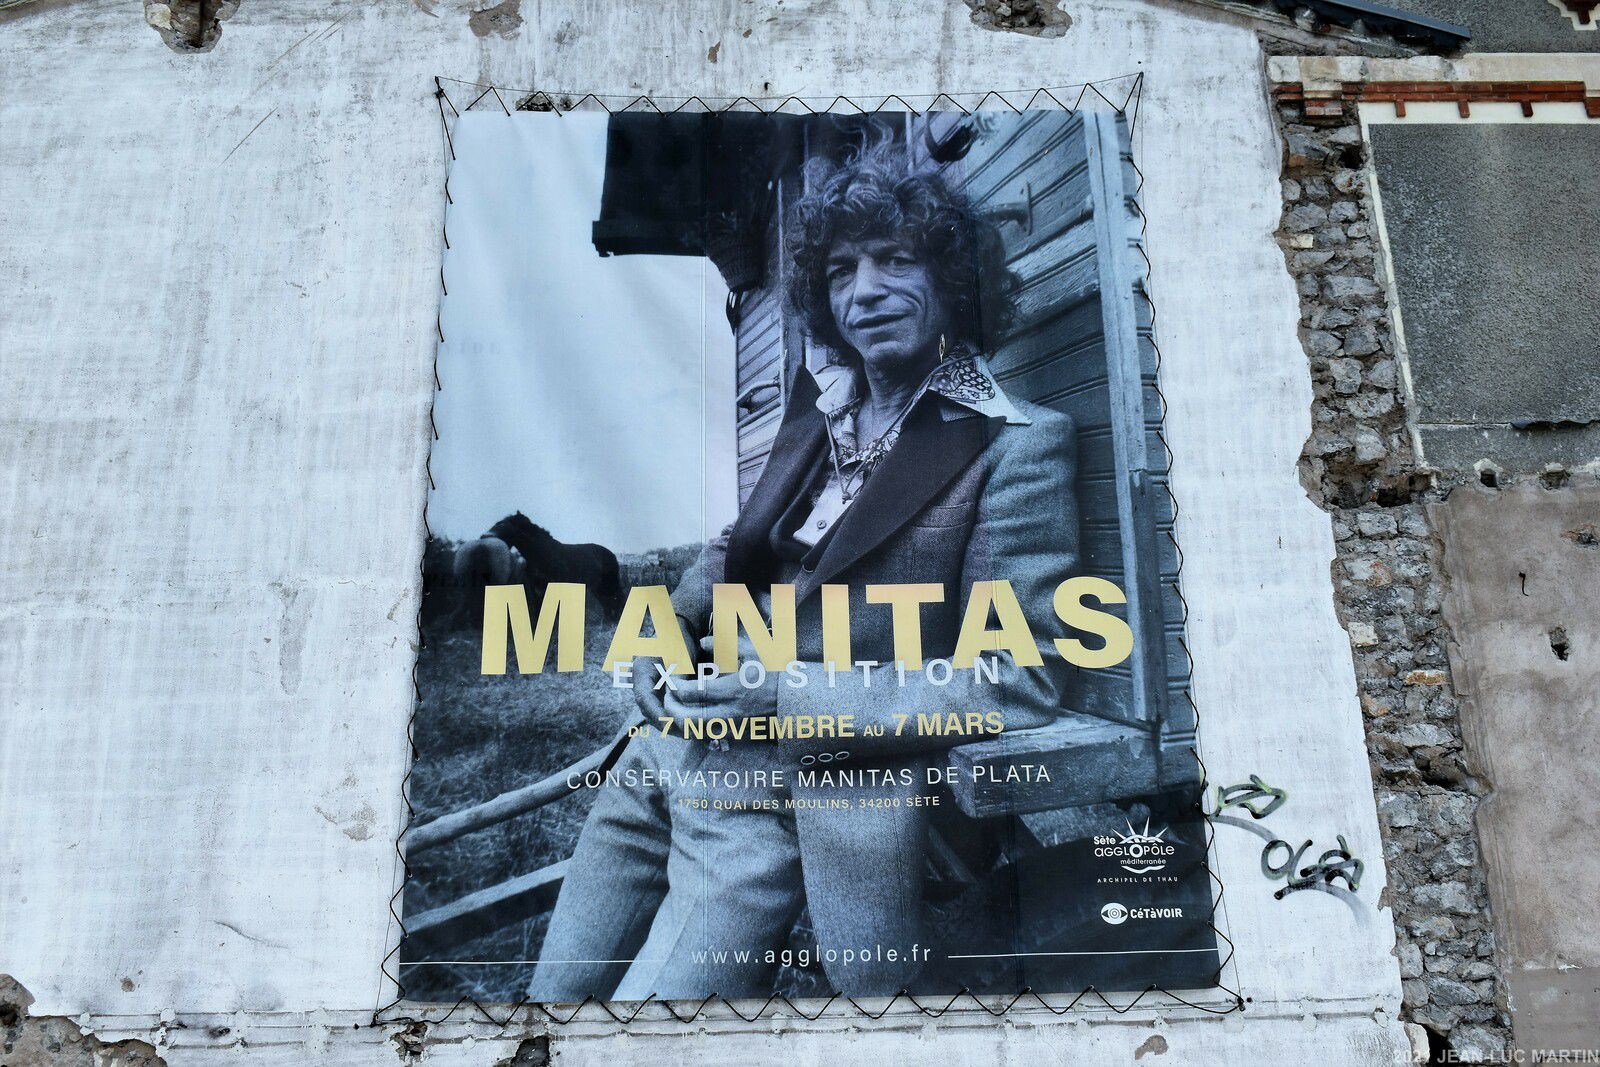 EXPOSITION MANITAS DE PLATA AU CONSERVATOIRE DE SETE JUSQU'AU 31/12/2021